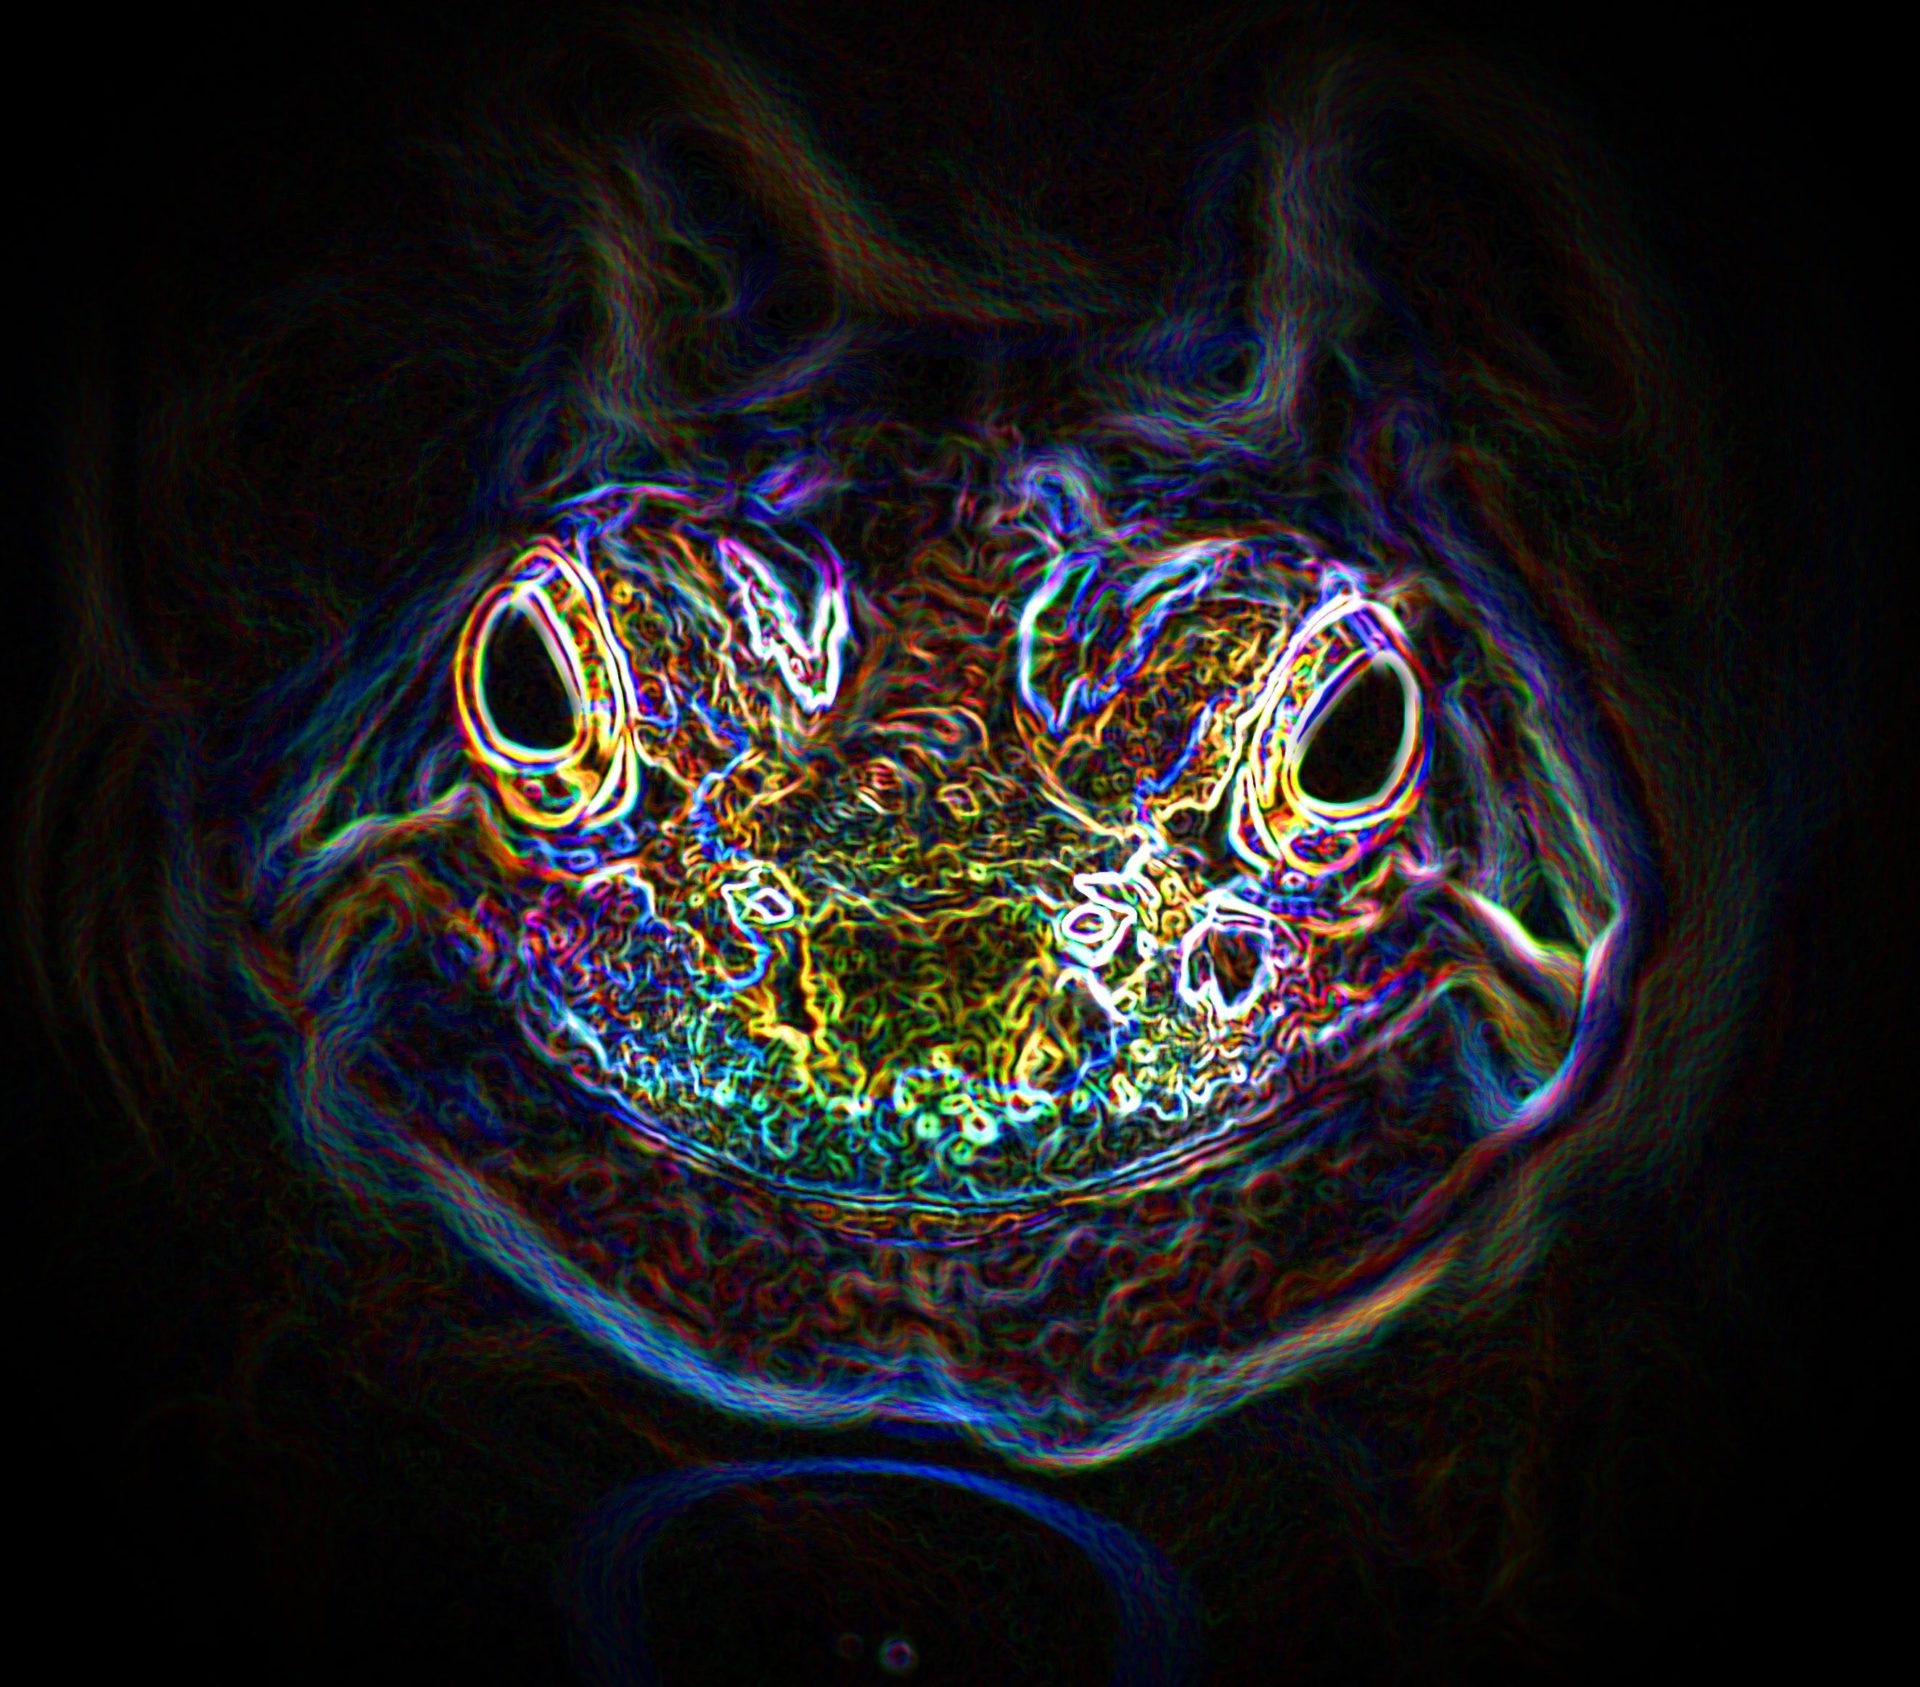 Jsme v Matrixu, který dělá MJMJMJMJMJMJ aneb moje zkušenost s 5-MeO-DMT z žáby Bufo Alvarius